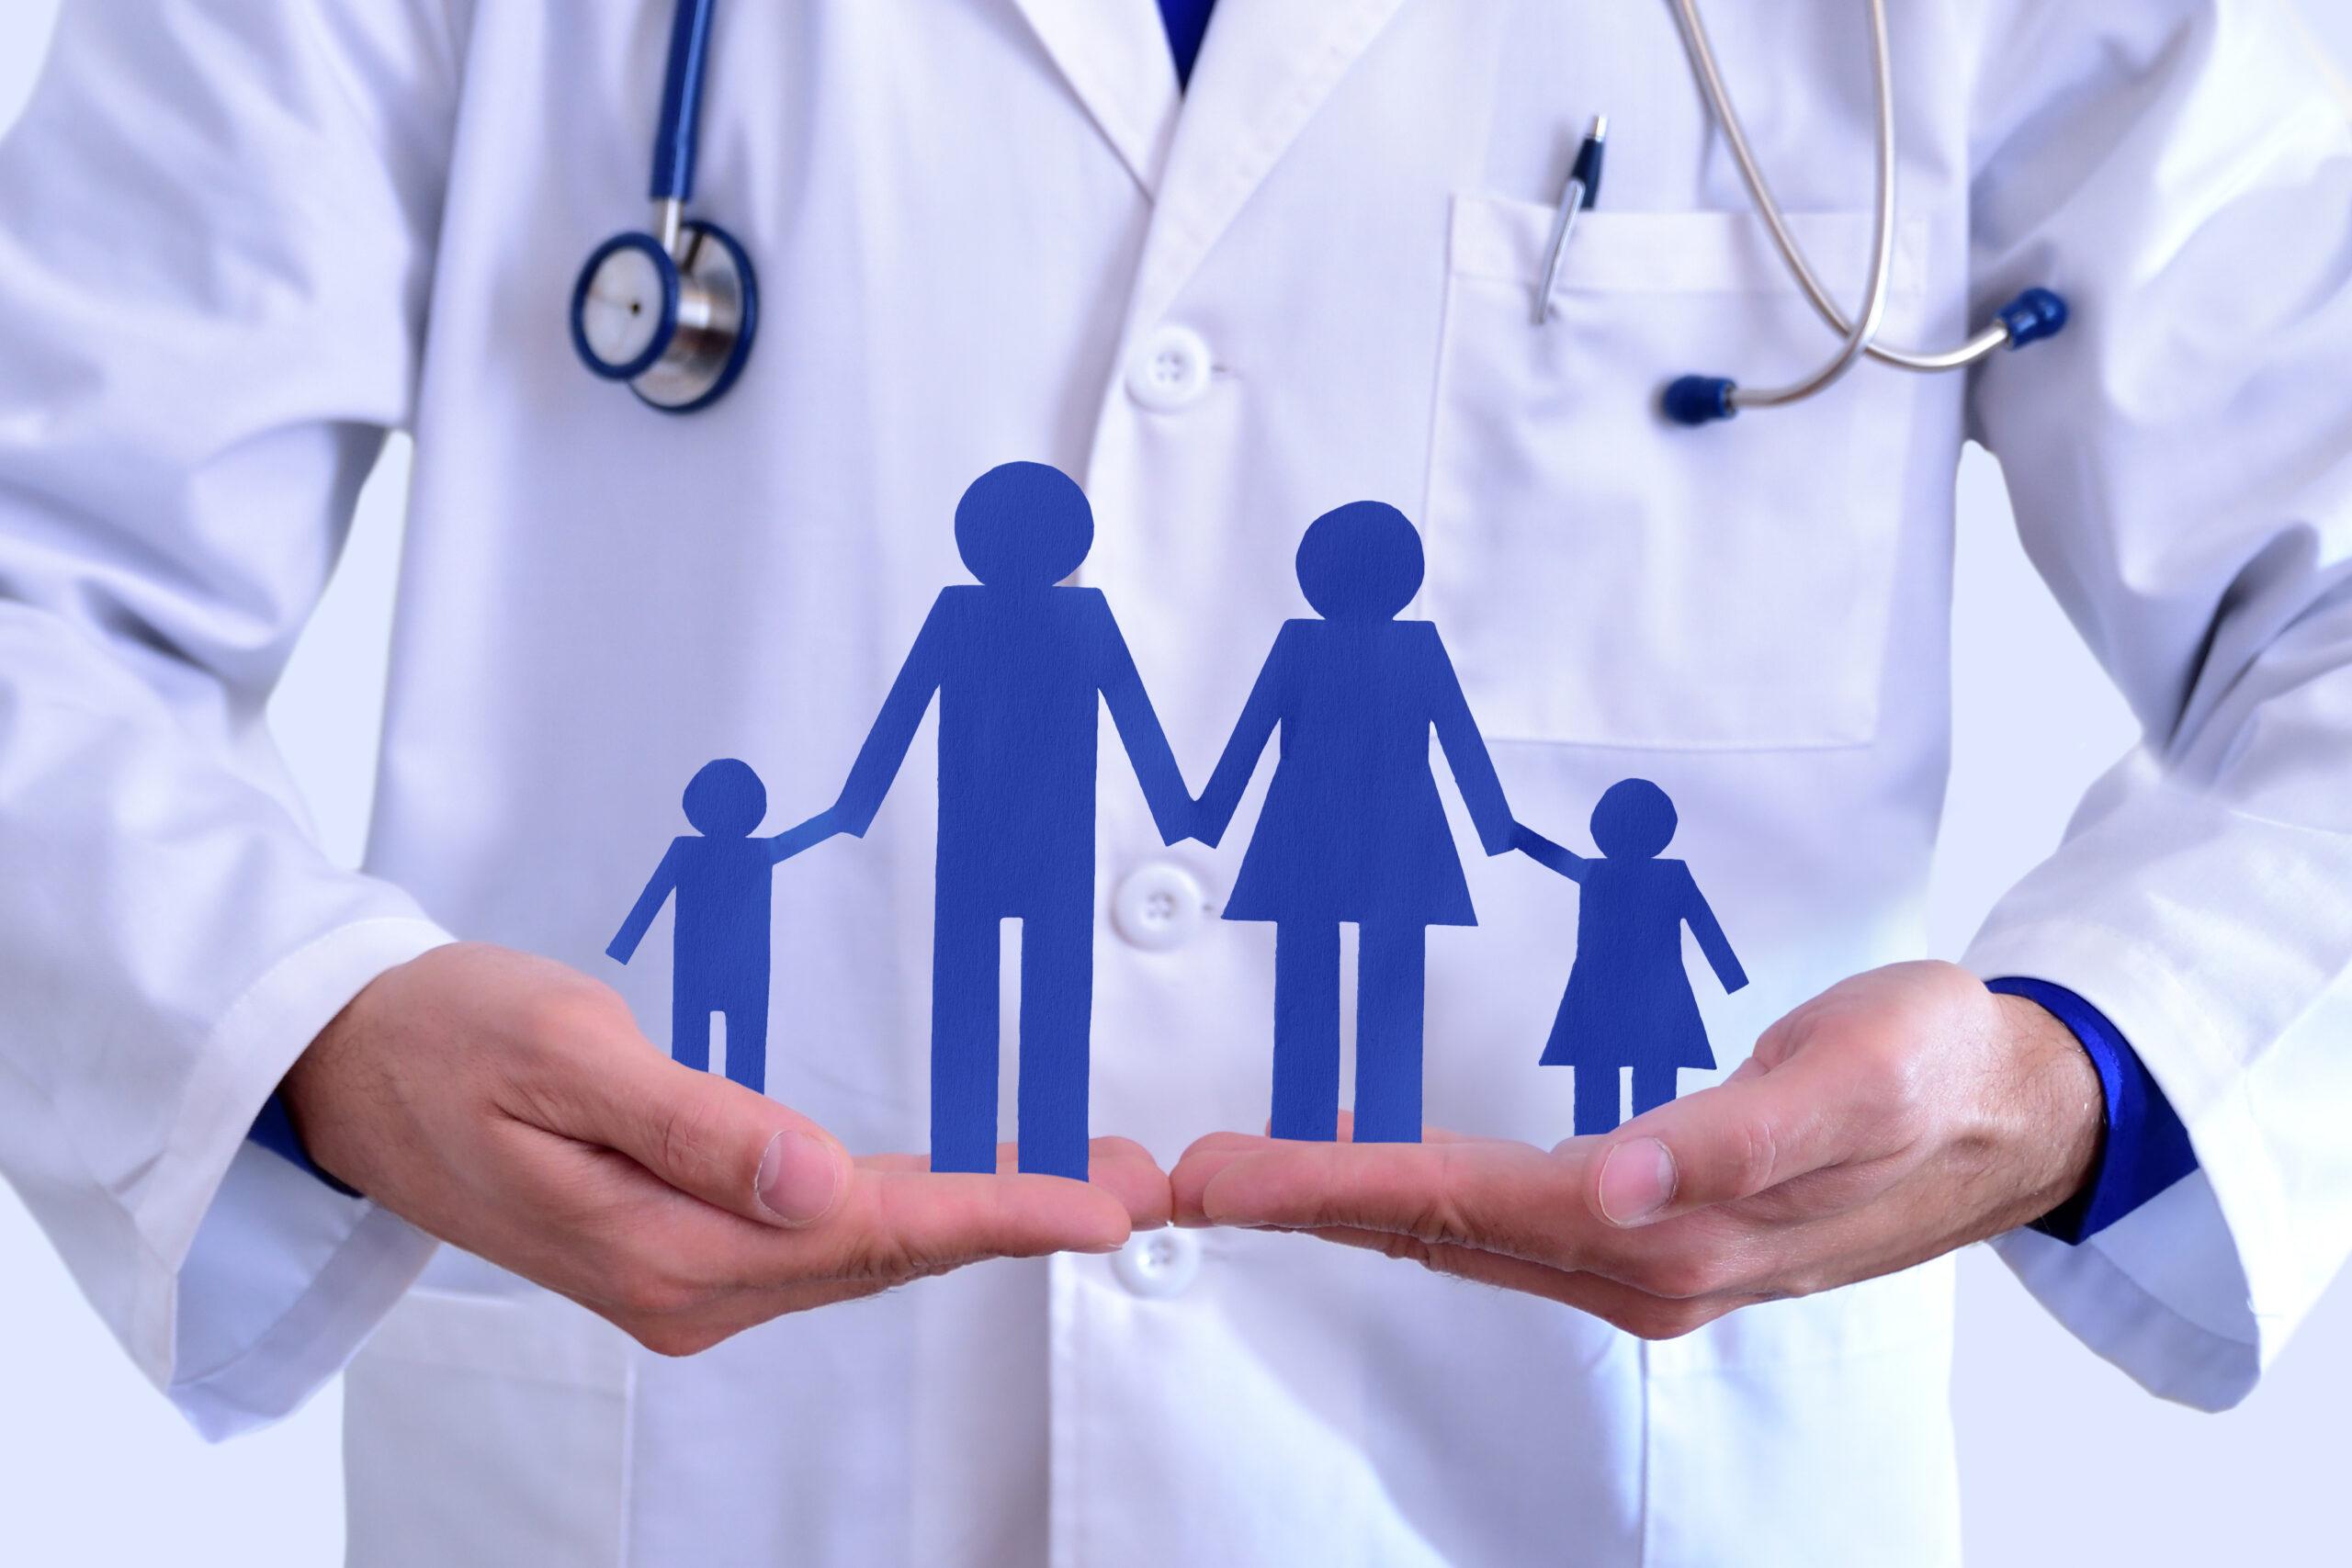 Kas on voimalik suurendada liiget ilma arsti sekkumiseta Millised on liikmete tavalised suurused